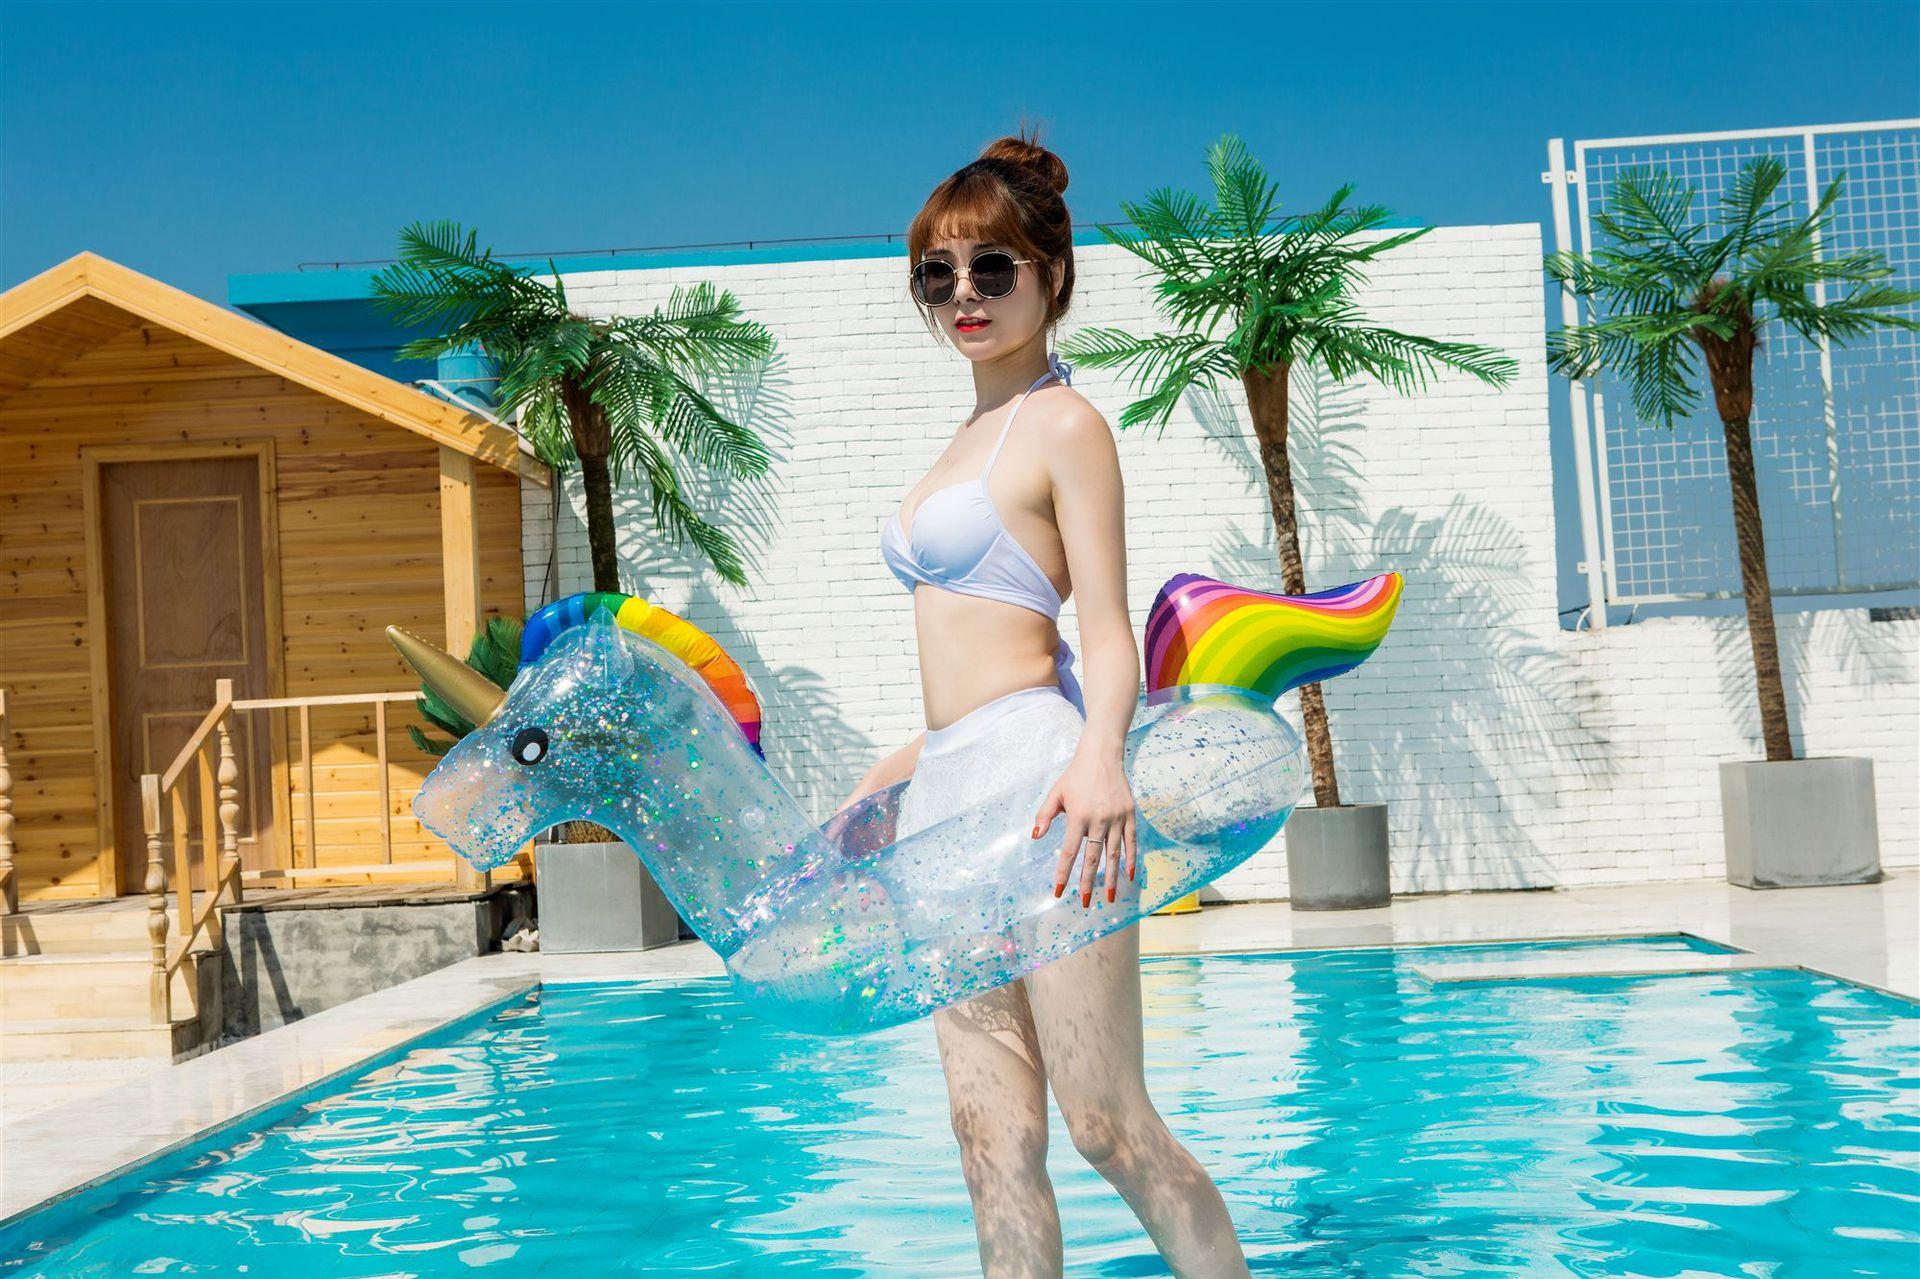 gonflável piscina boias criança & adulto água brinquedos